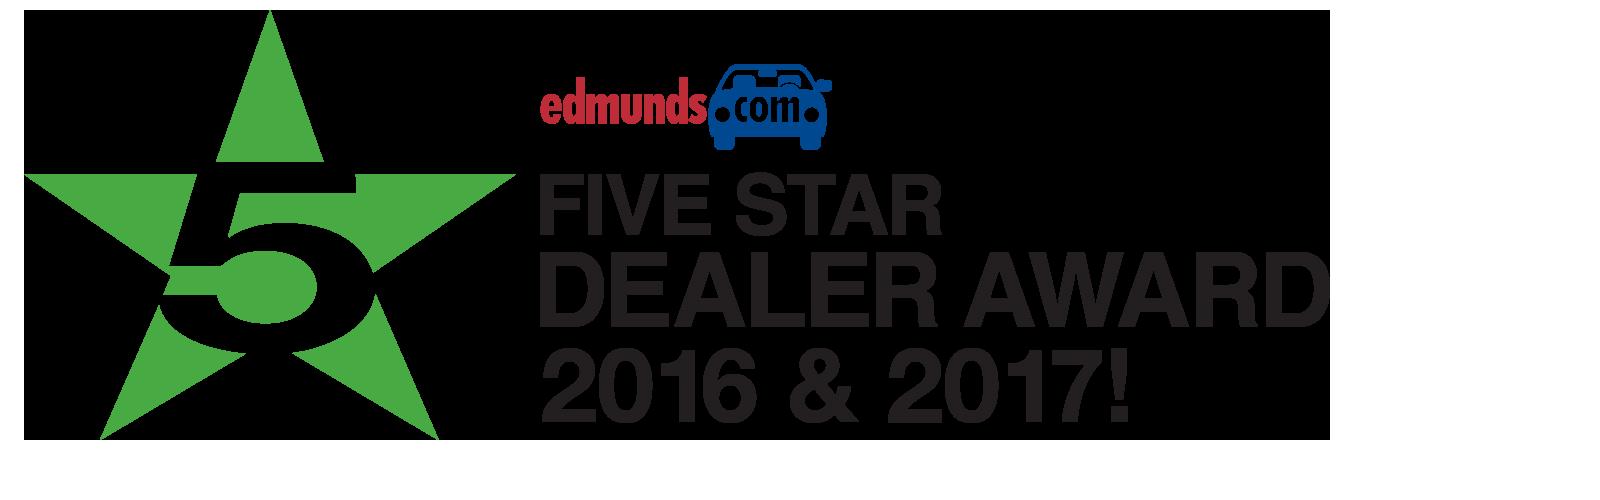 edmunds 5 star dealer award read our reviews larry h miller volkswagen tucson. Black Bedroom Furniture Sets. Home Design Ideas